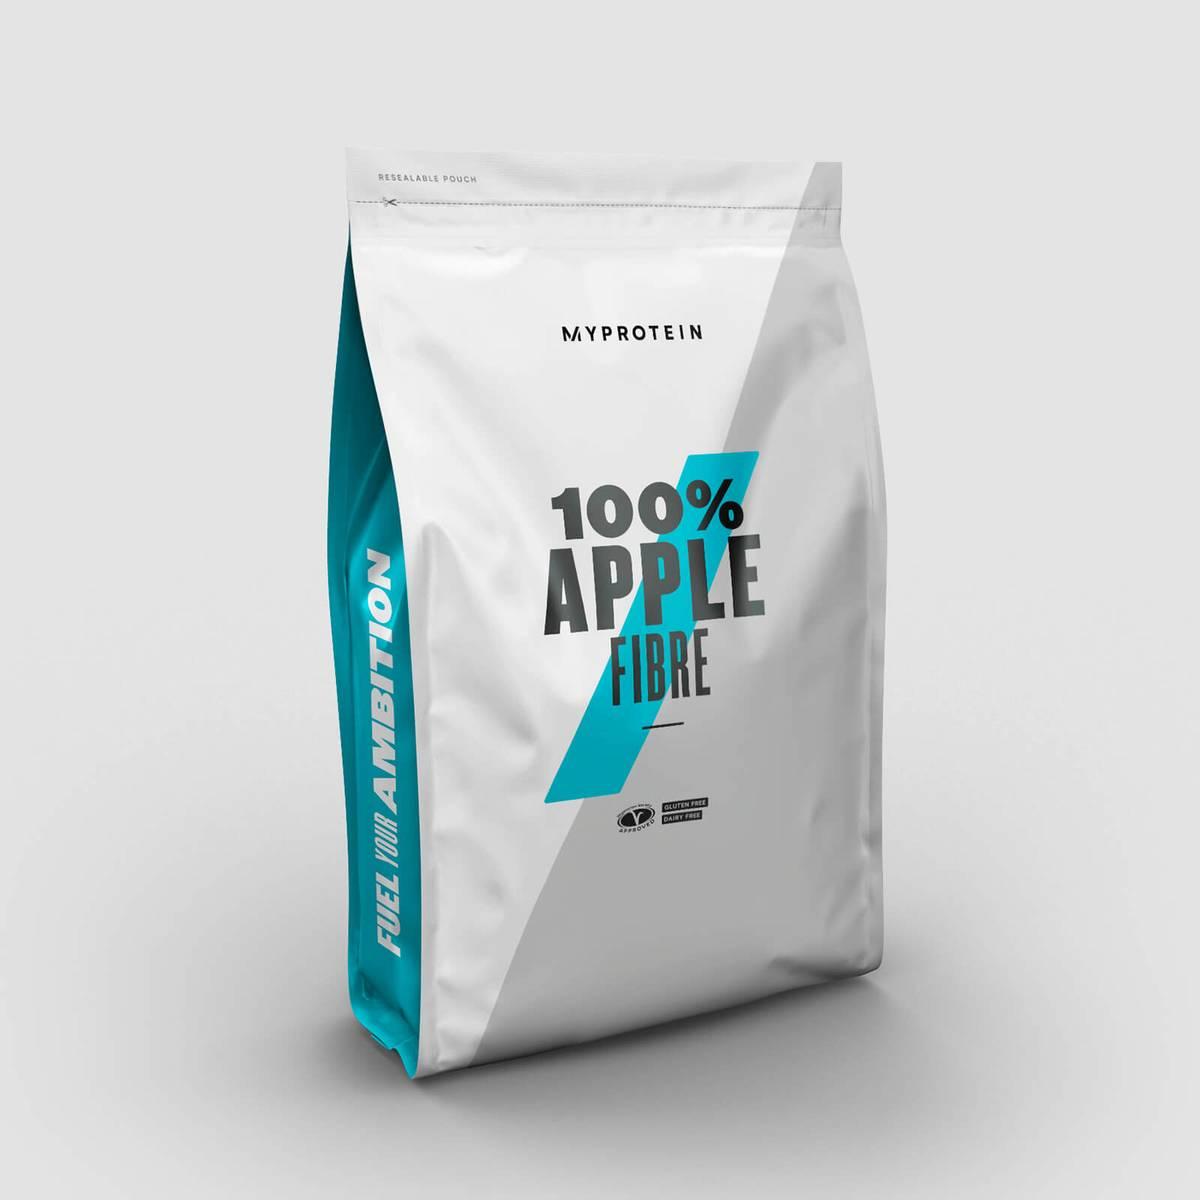 Nejlepší suplement s jablečnou vlákninou